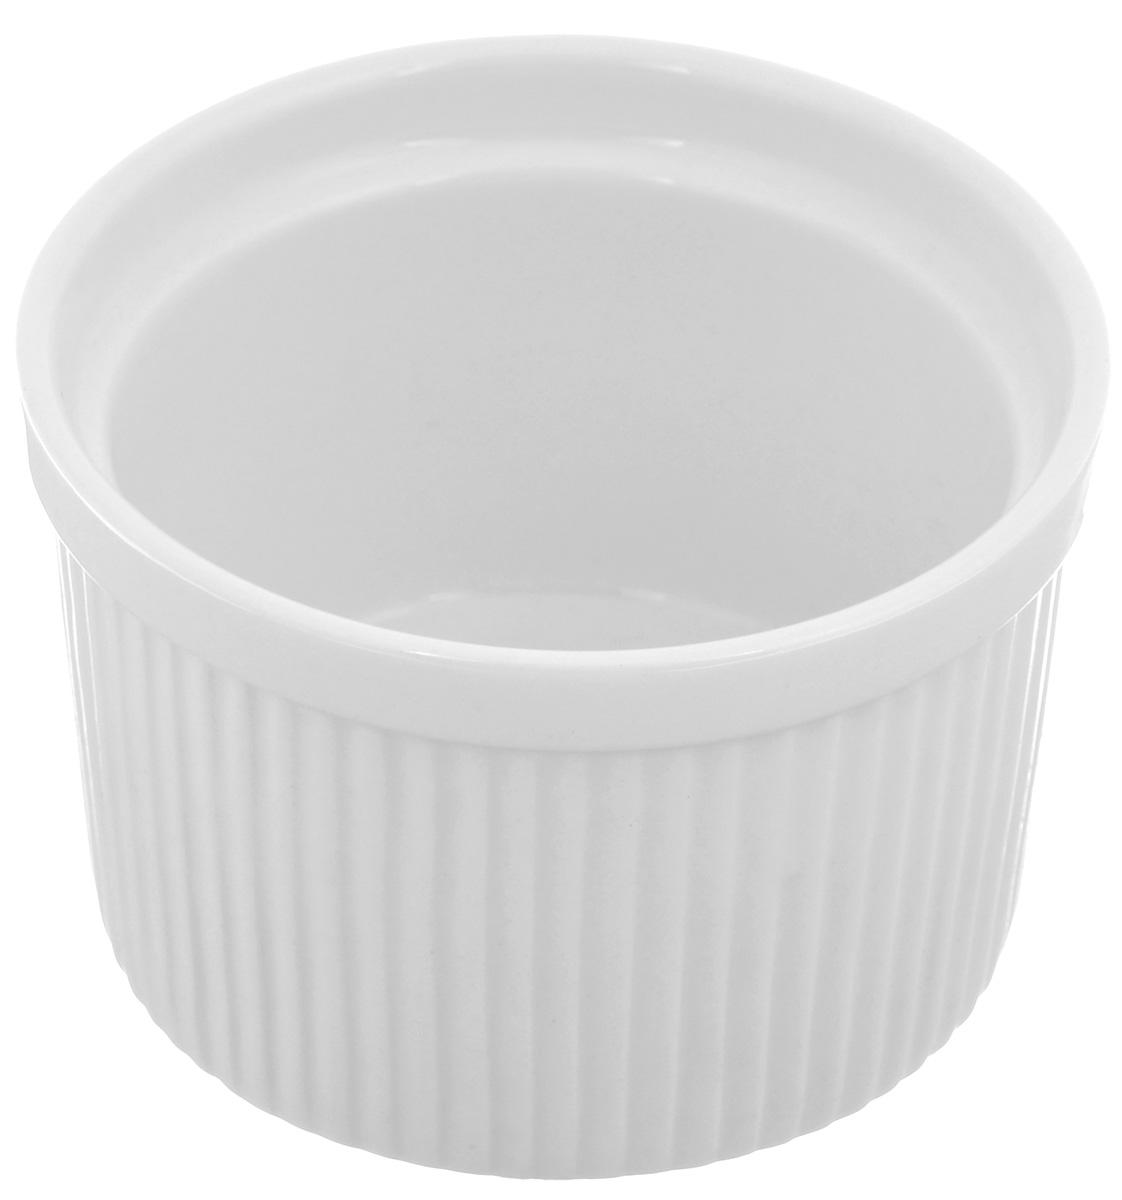 Порционная форма для выпечки BergHOFF Bianco, круглая, цвет: белый, диаметр 10 см1691251Порционная форма для выпечки BergHOFF Bianco изготовлена из высококачественного фарфора с глазурованной поверхностью. Форму можно использовать для приготовления блюд, таких как крем-брюле, жульен, маффины и прочее. Изделие термоустойчиво, поверхность сохраняет свой цвет, а пища естественный аромат. Материал мягко проводит тепло для равномерного запекания.Подходит для мытья в посудомоечной машине.Диаметр формы: 10 см.Высота формы: 6,5 см.